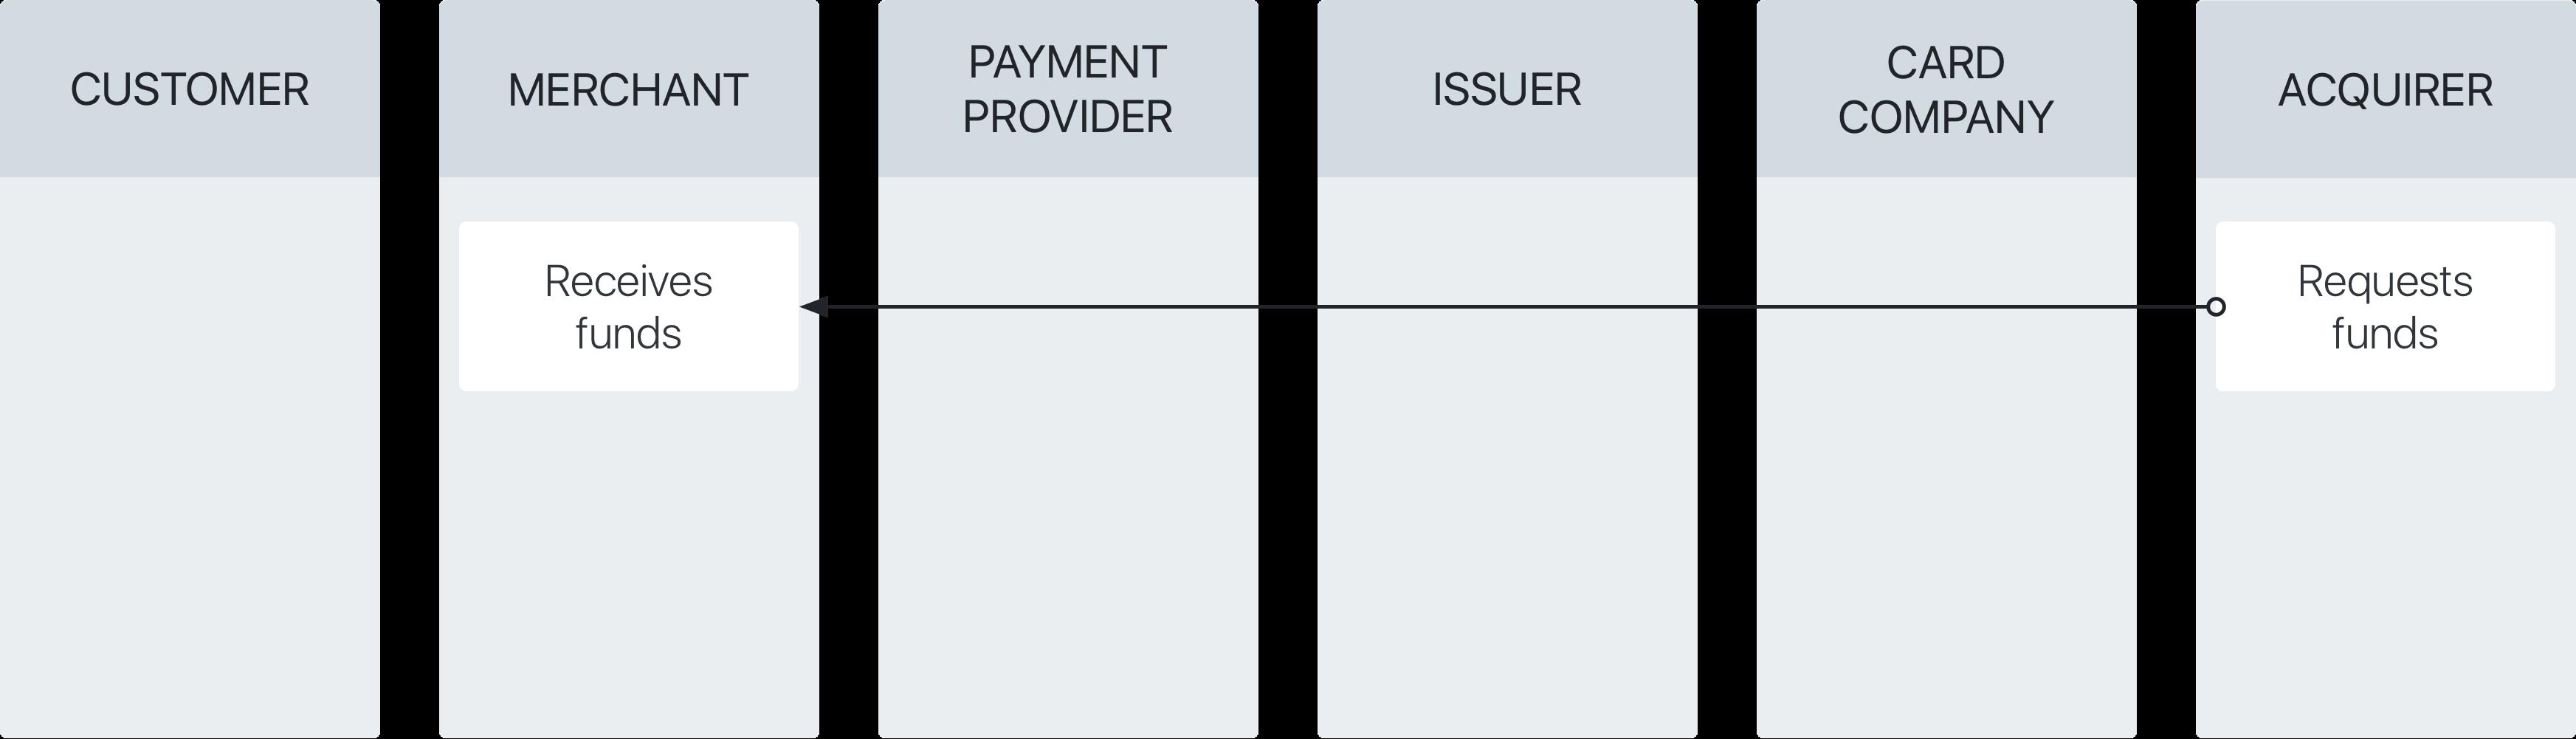 ขั้นตอนการคืนเงินของการชำระเงินผ่านบัตรเครดิต